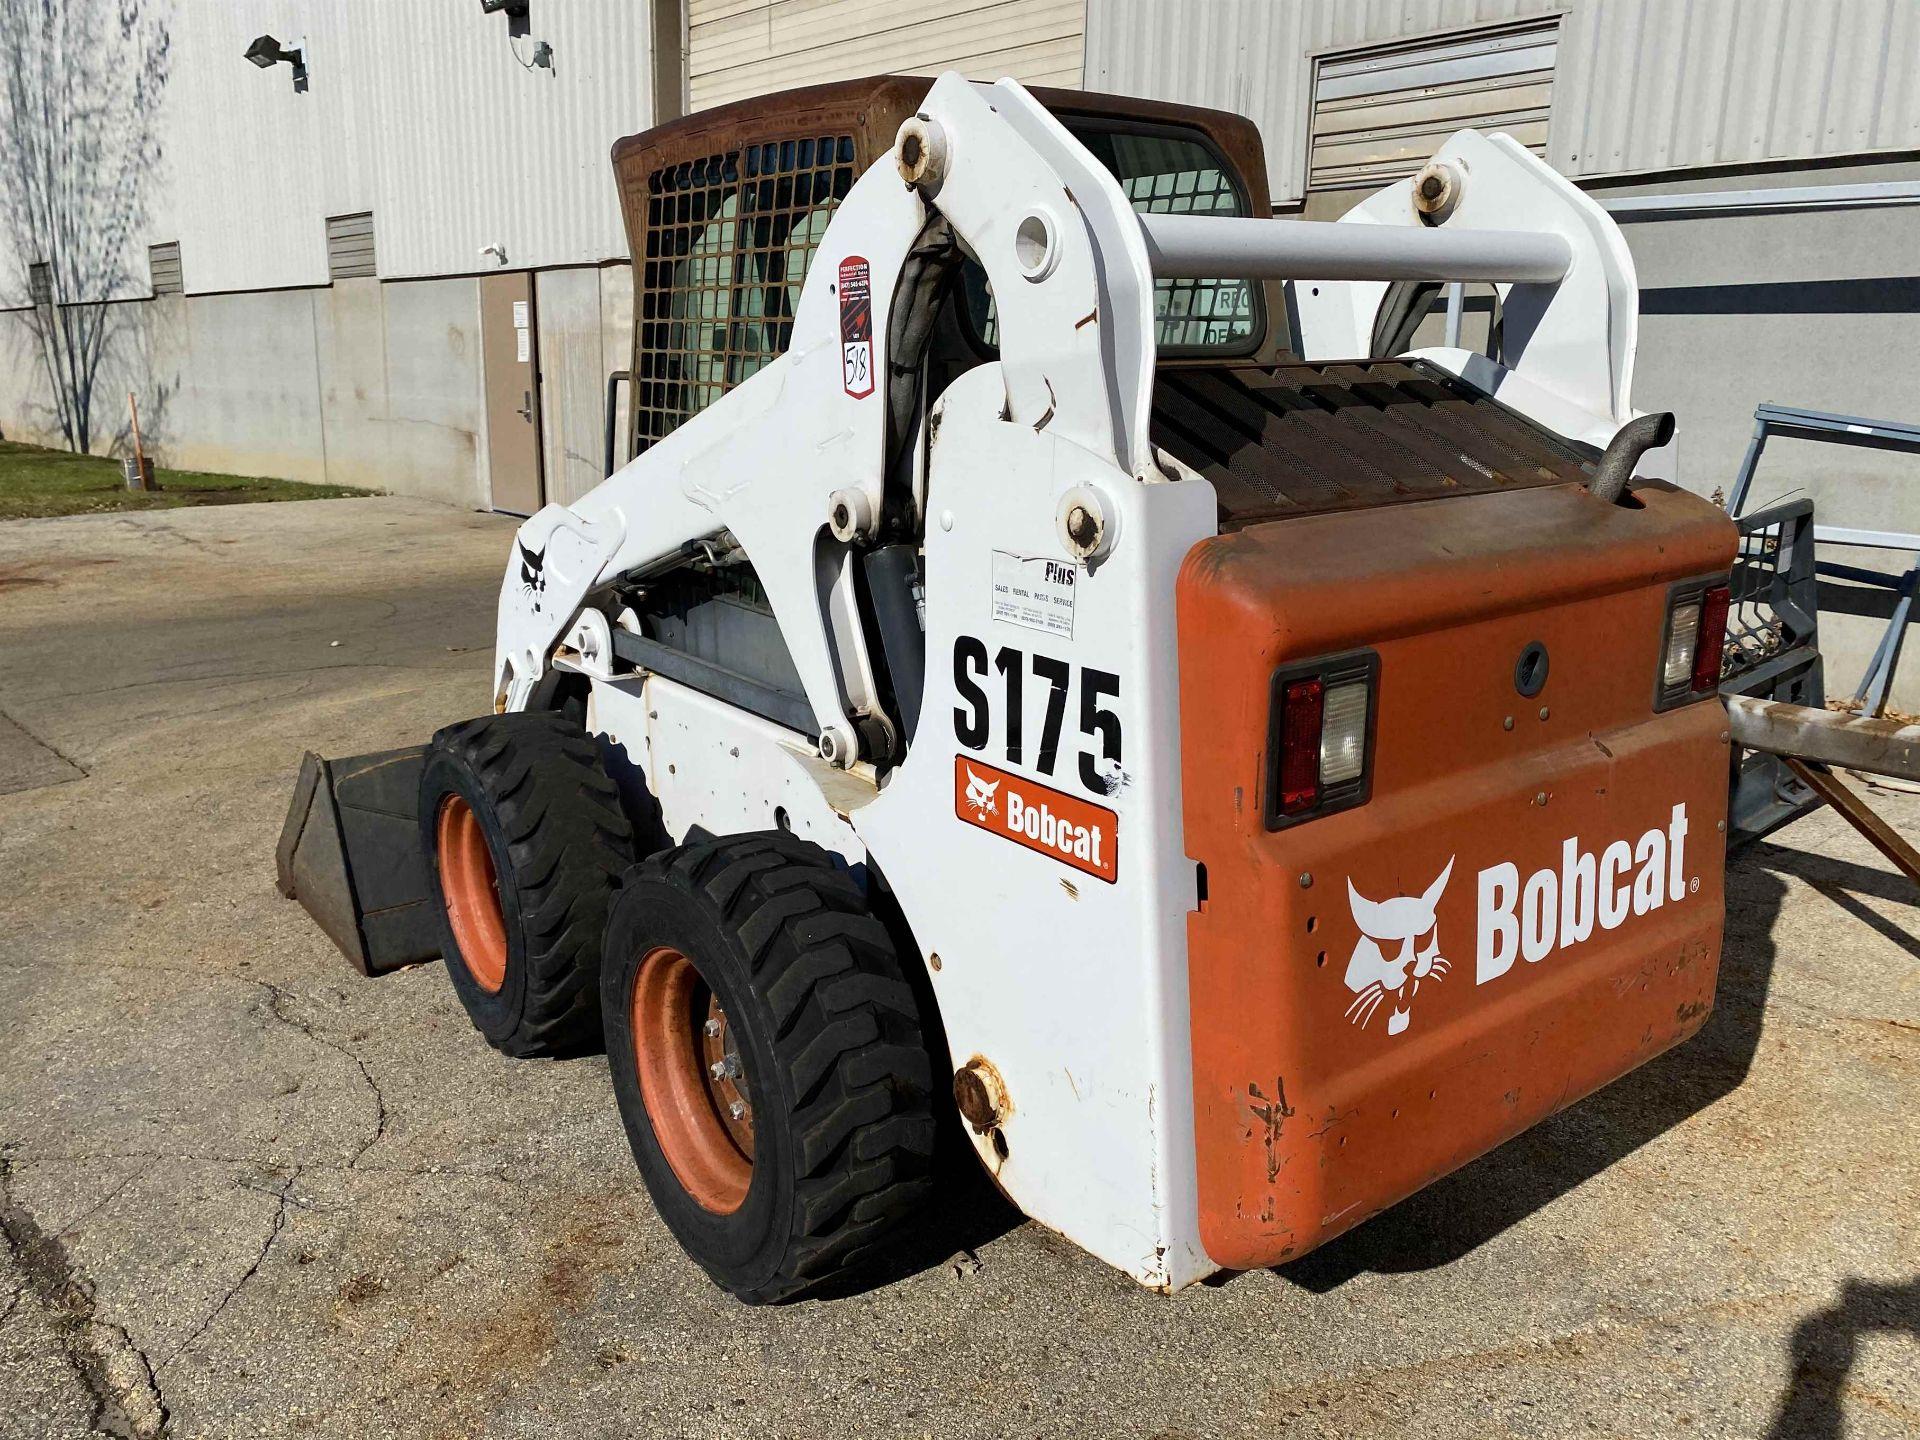 2008 BOBCAT S175 Compact Skid Steer Loader, s/n A3L52070 - Image 5 of 6